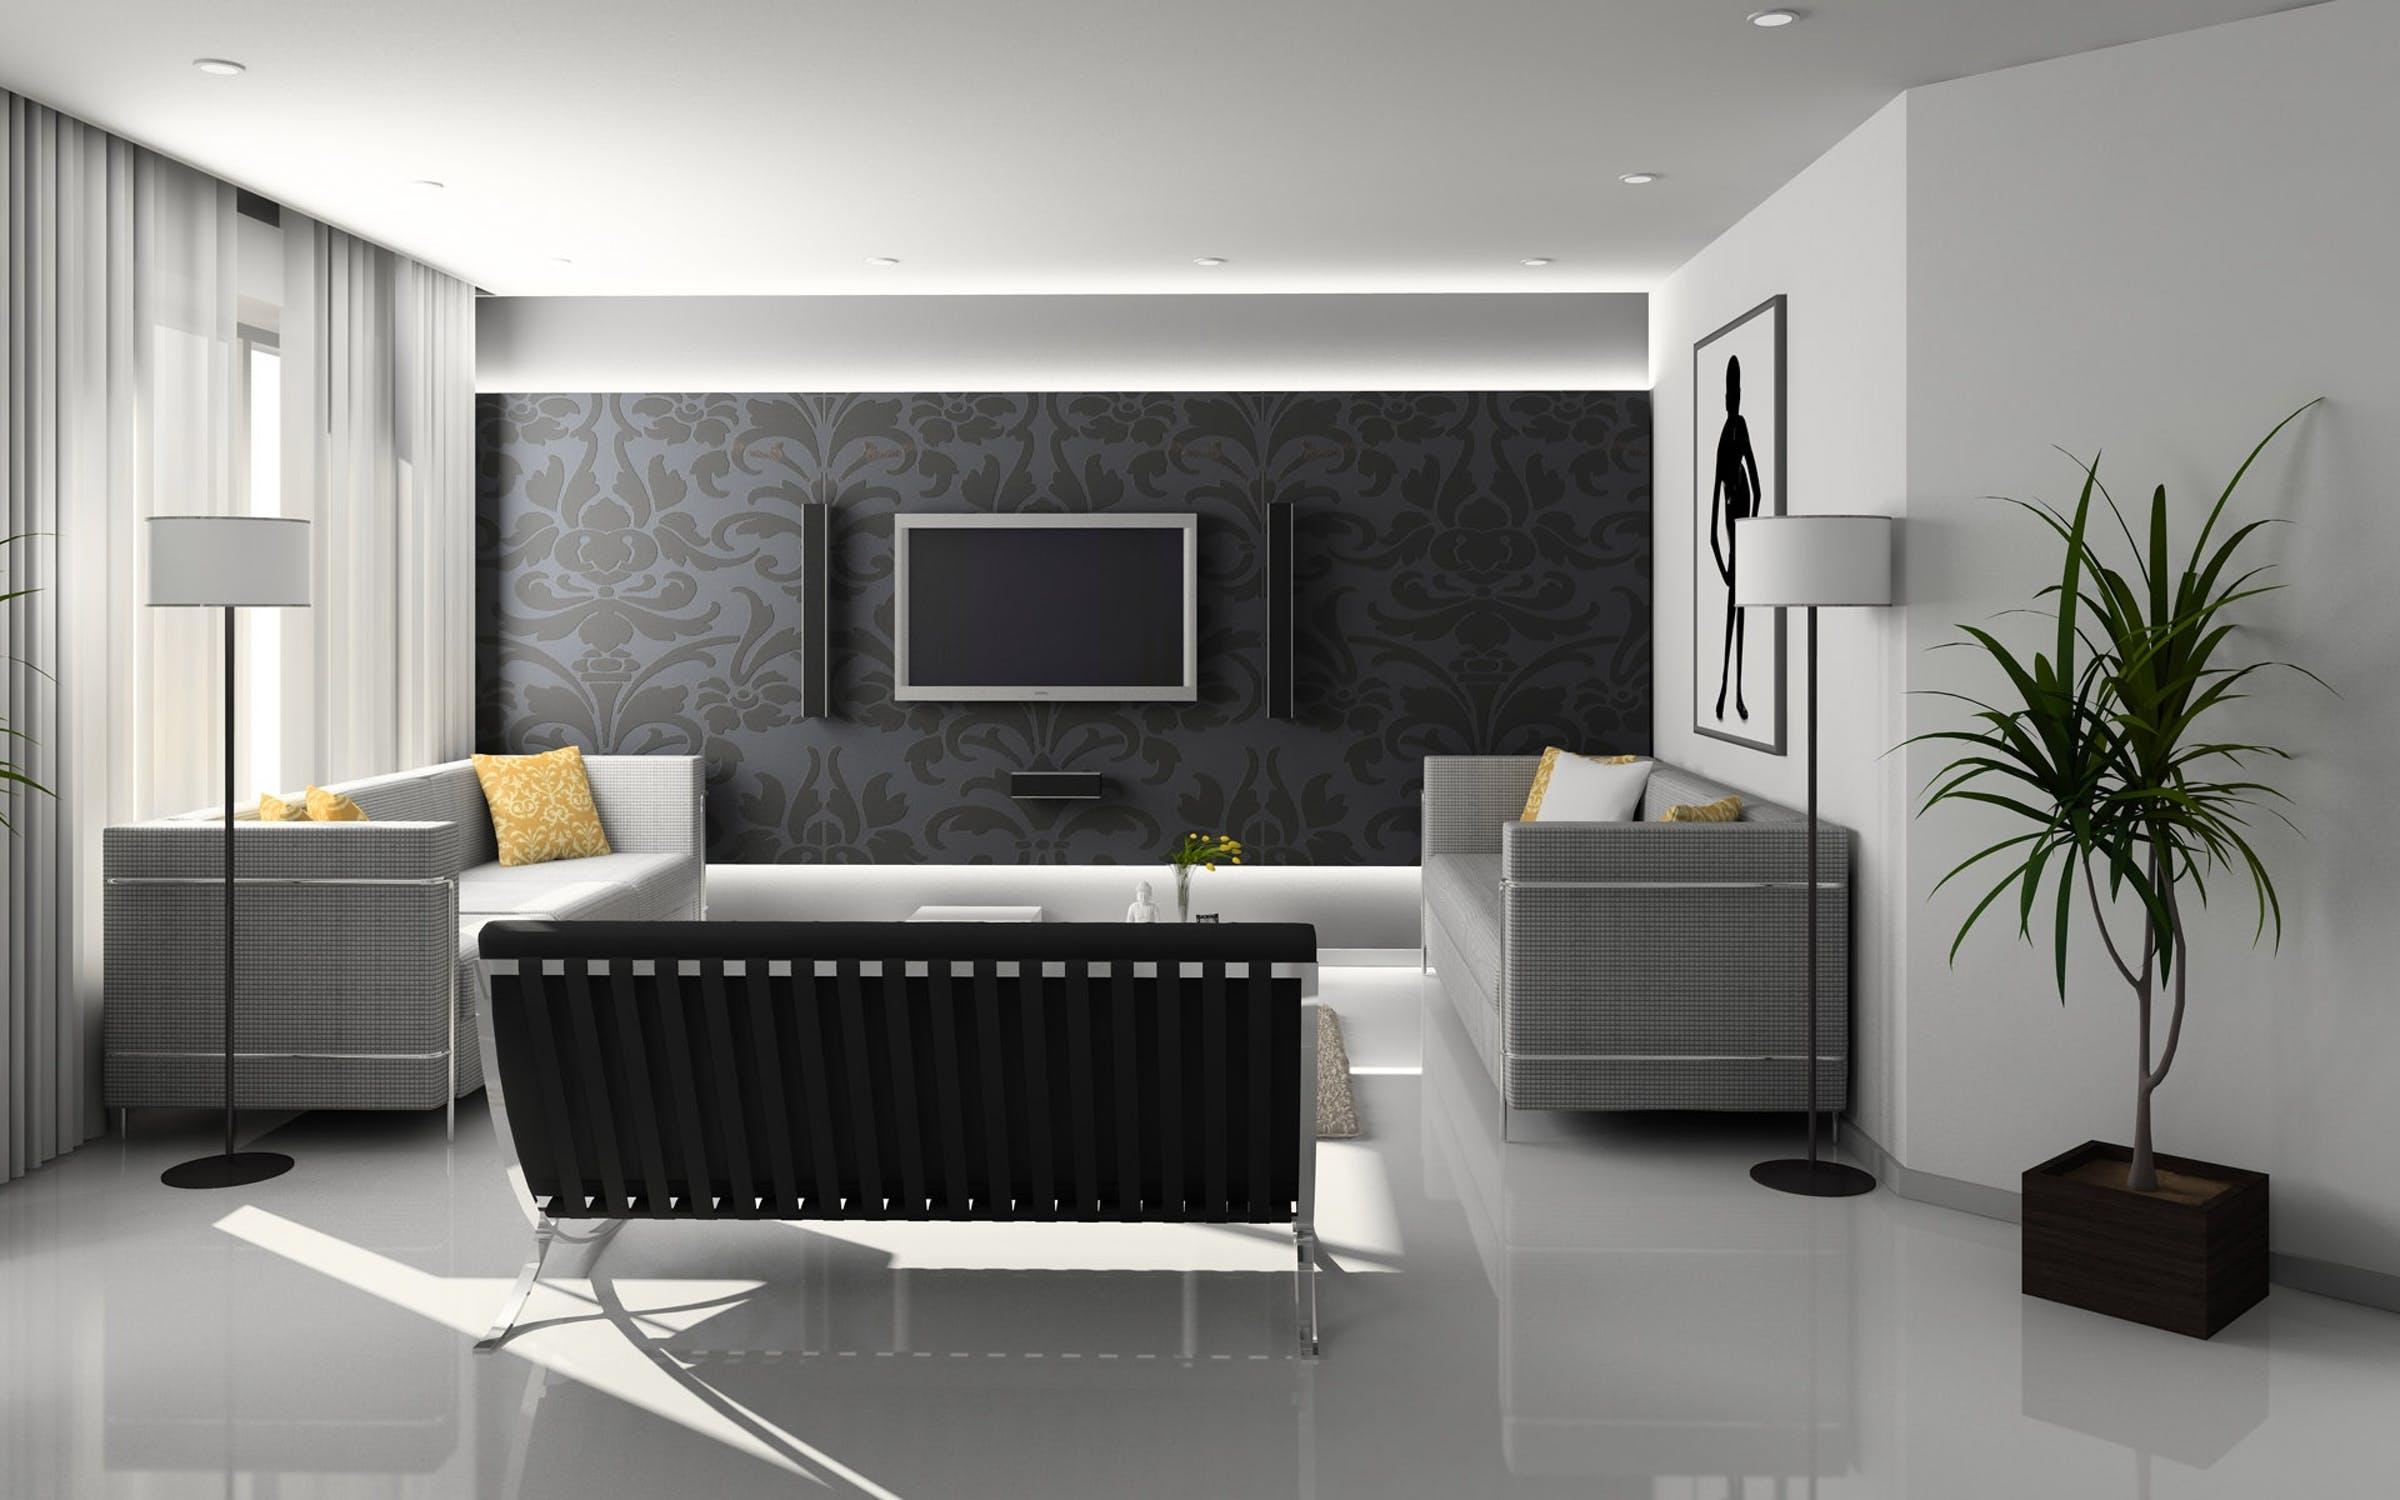 Projetos de automoção residencial